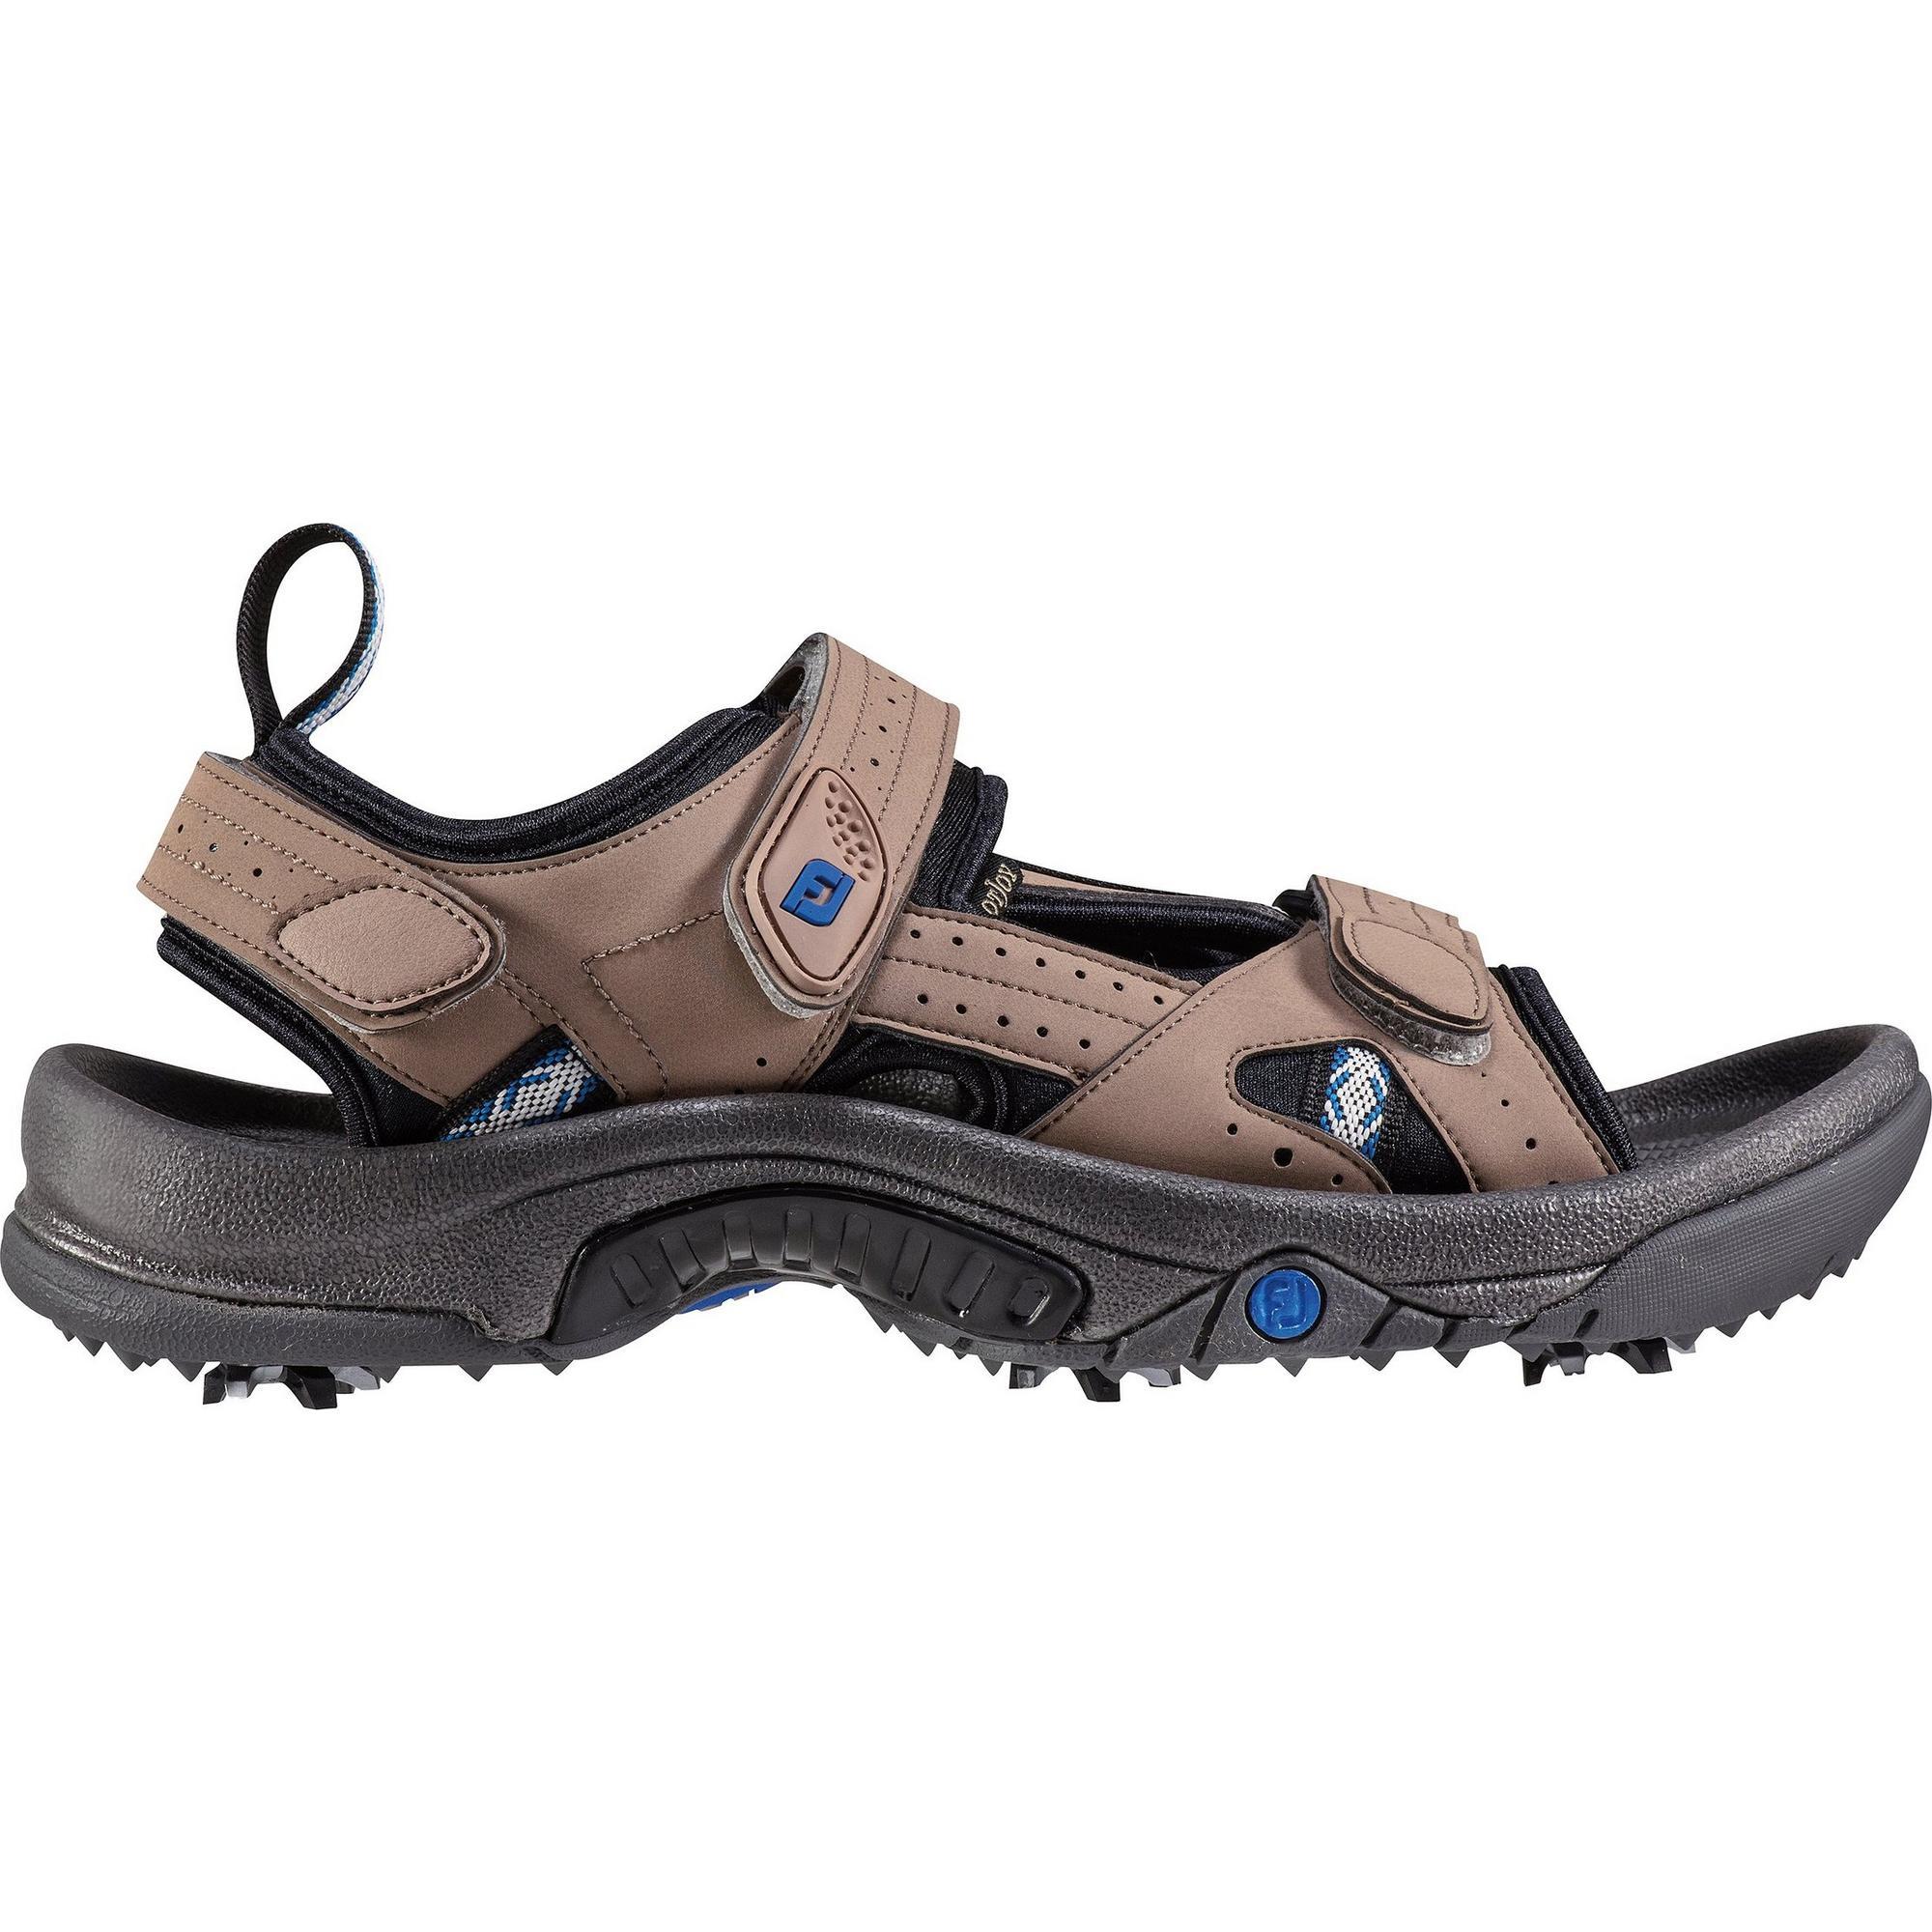 Sandales de golf GreenJoys à crampons pour hommes - Brun